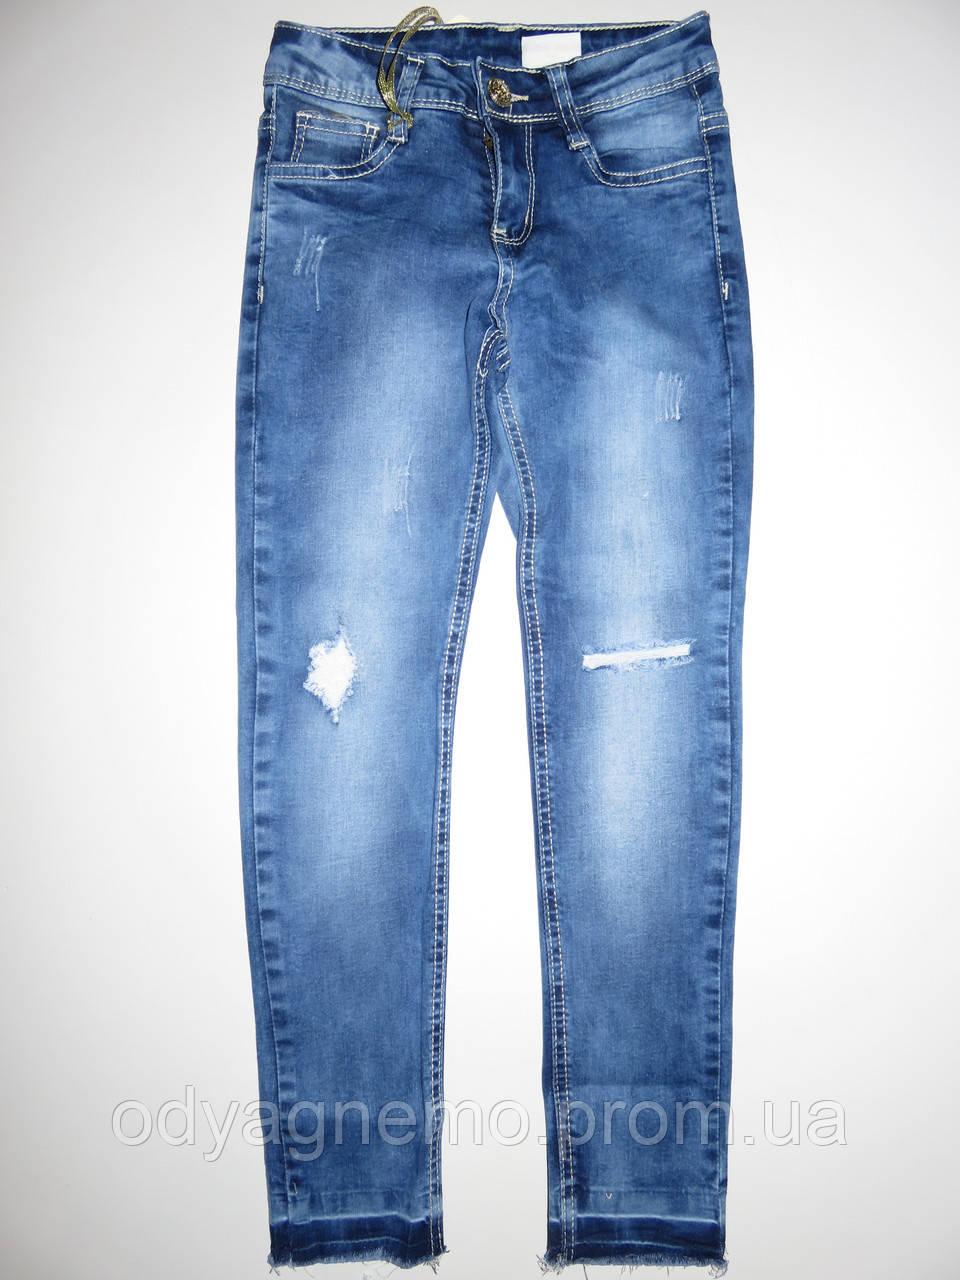 Джинсовые брюки для девочек Seagull оптом,6-16 лет.